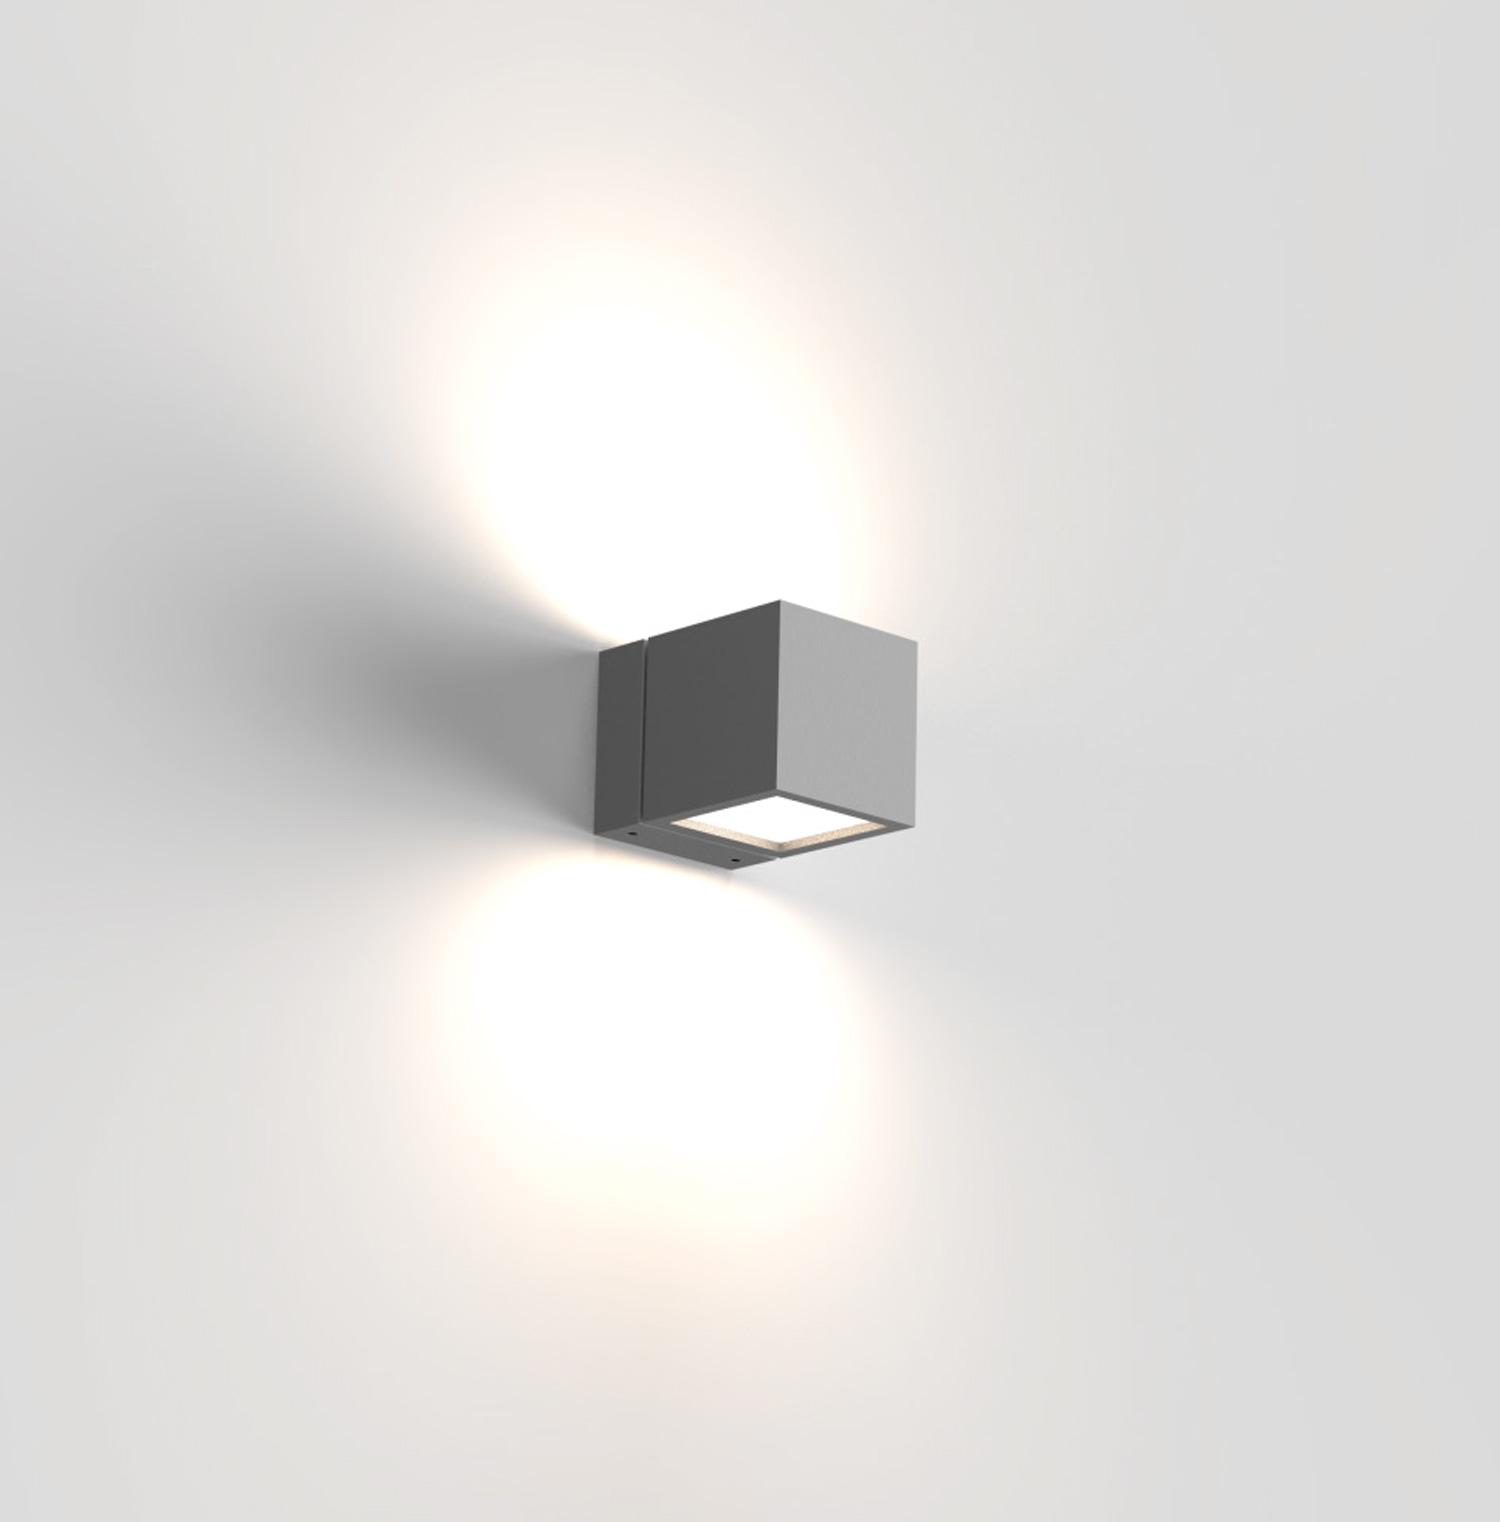 Cube LED Wandleuchte beidseitig strahlend Fassadenbeleuchtung